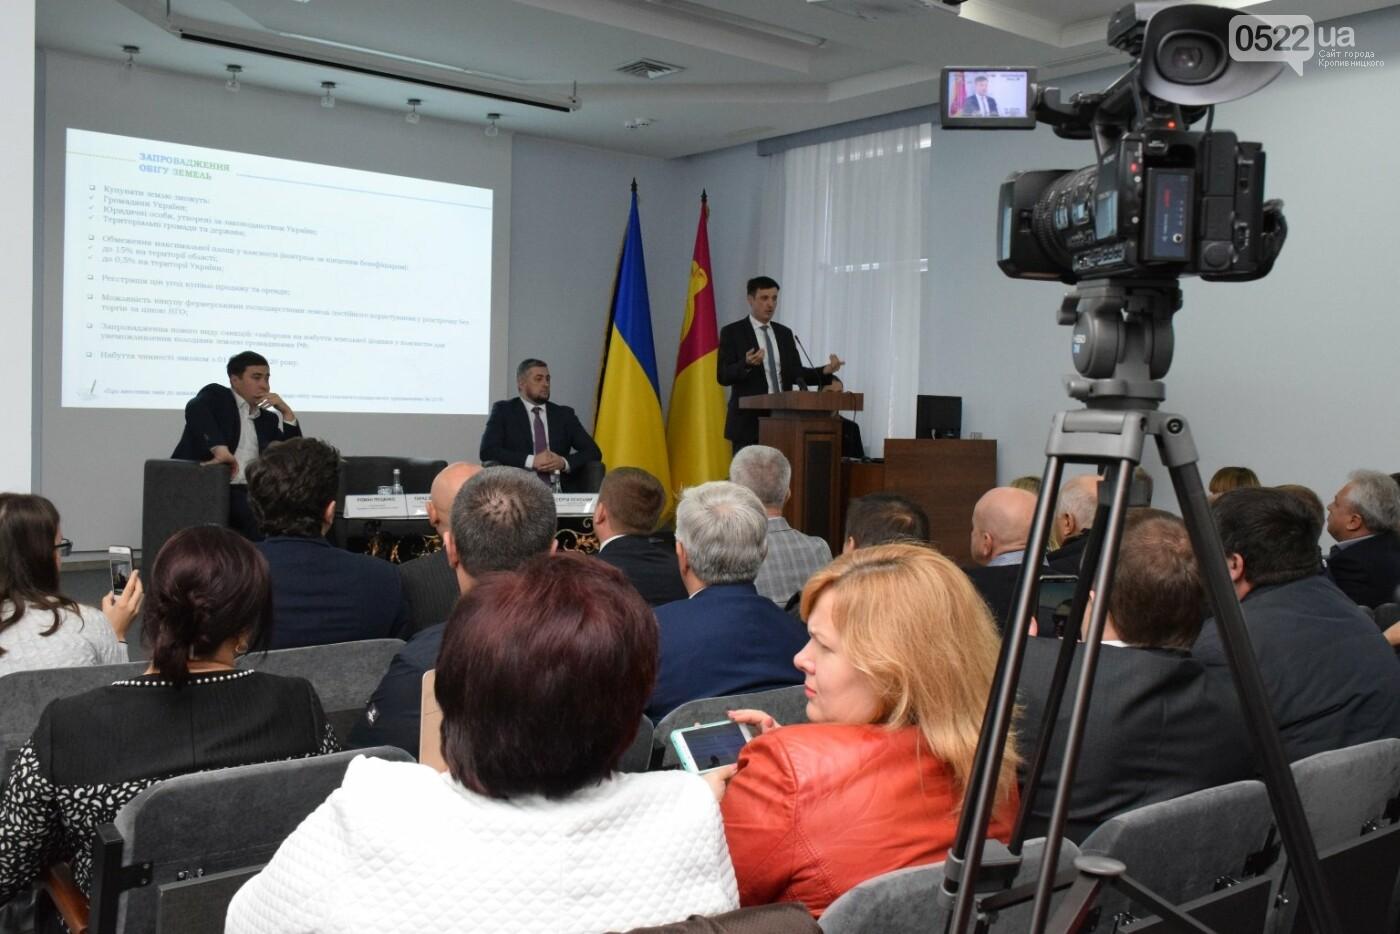 На Кіровоградщині відбувся форум з питань земельної реформи, фото-1